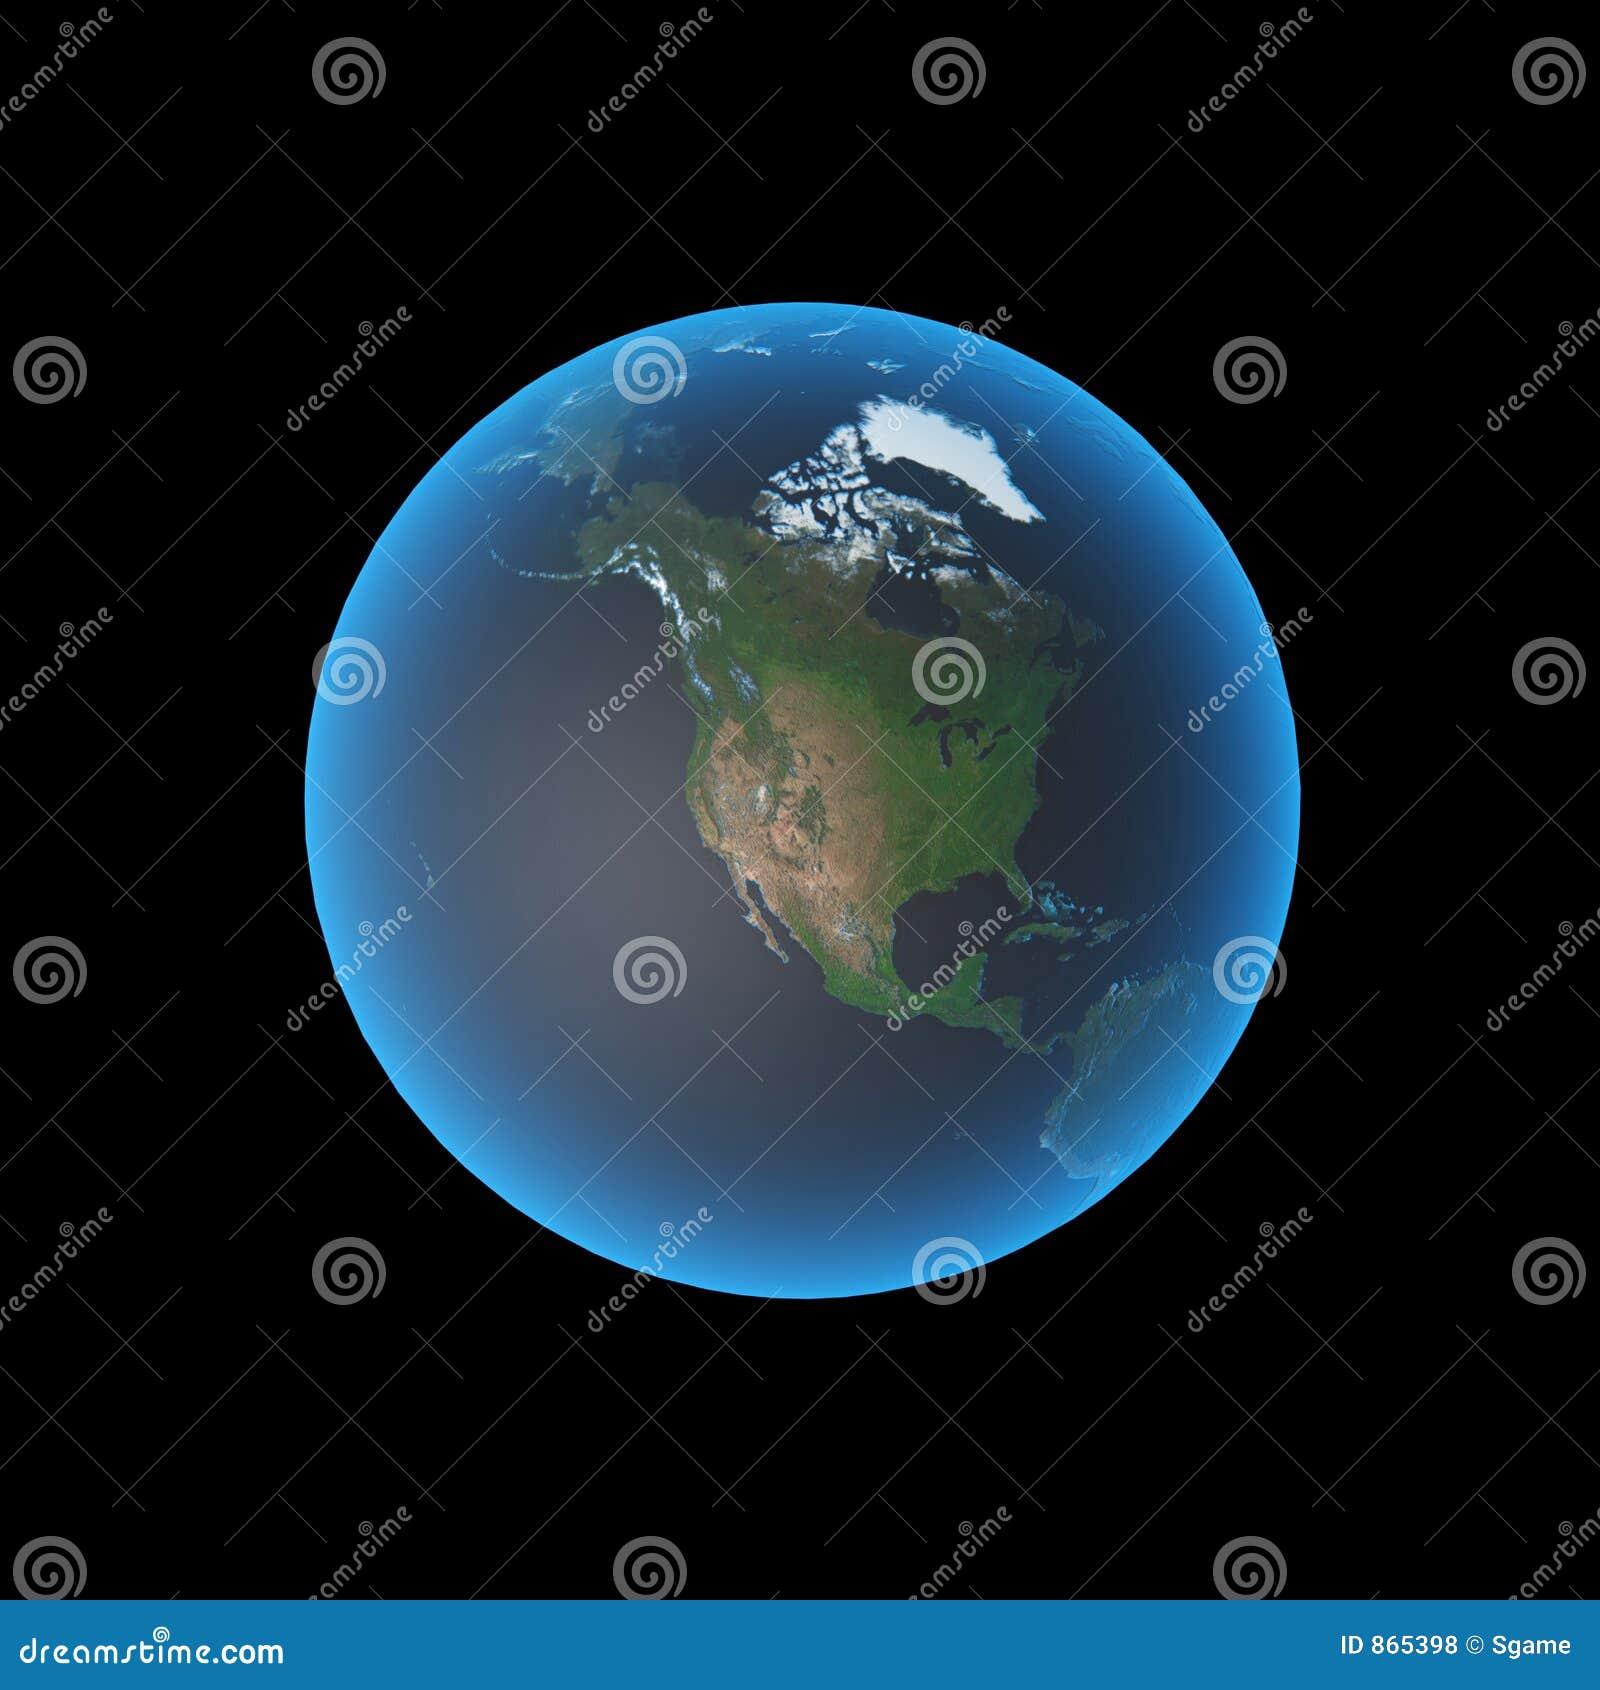 America earth north